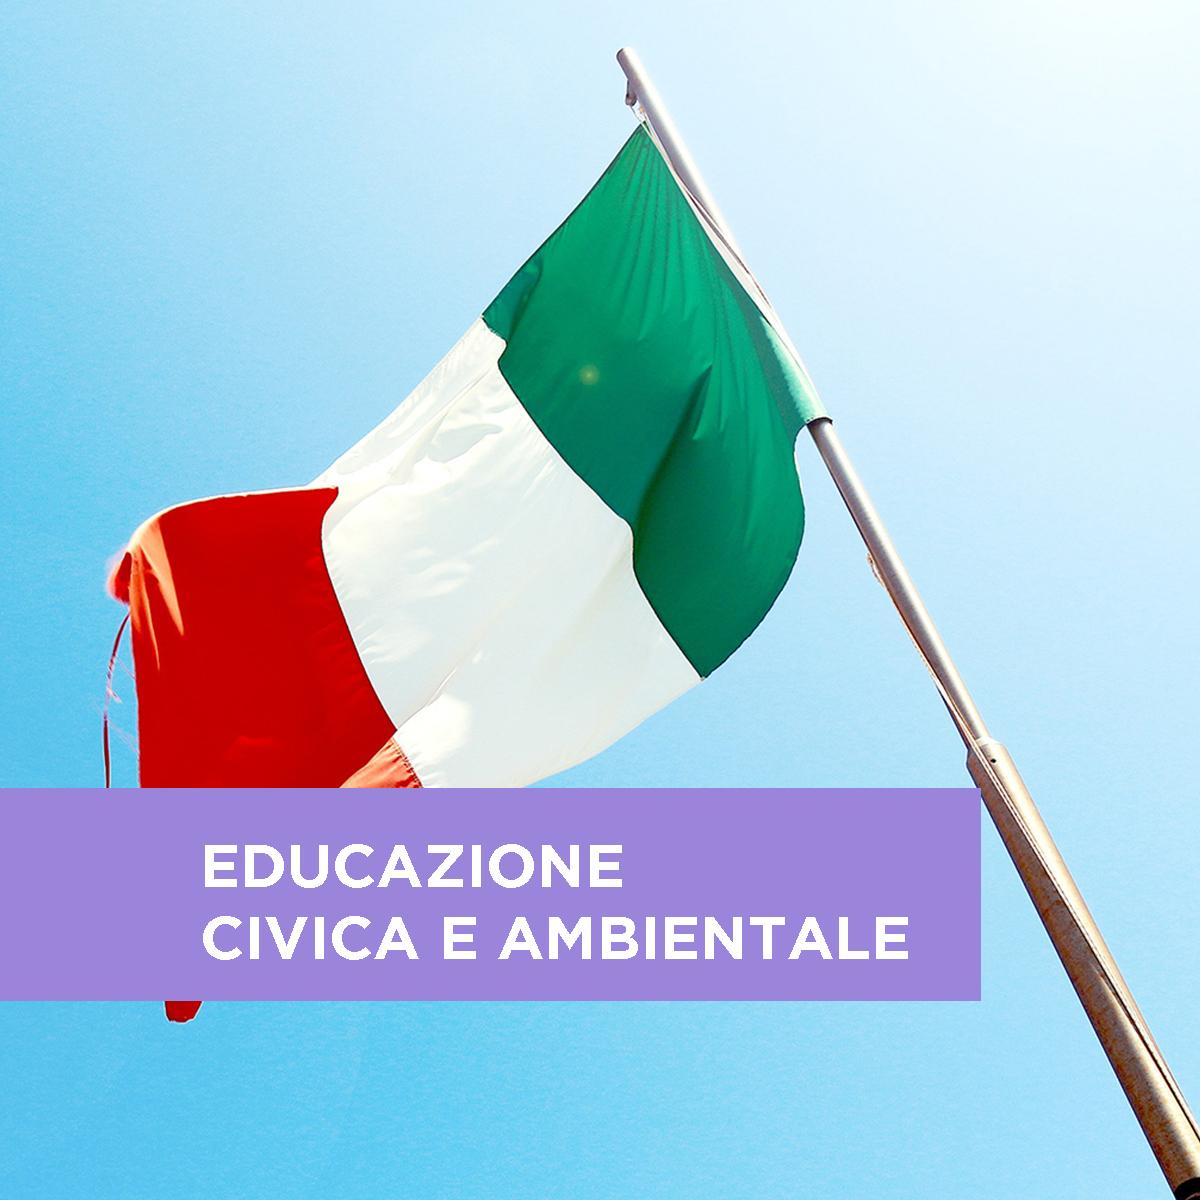 Un percorso di educazione civica: la tutela dei prodotti italiani nel mondo